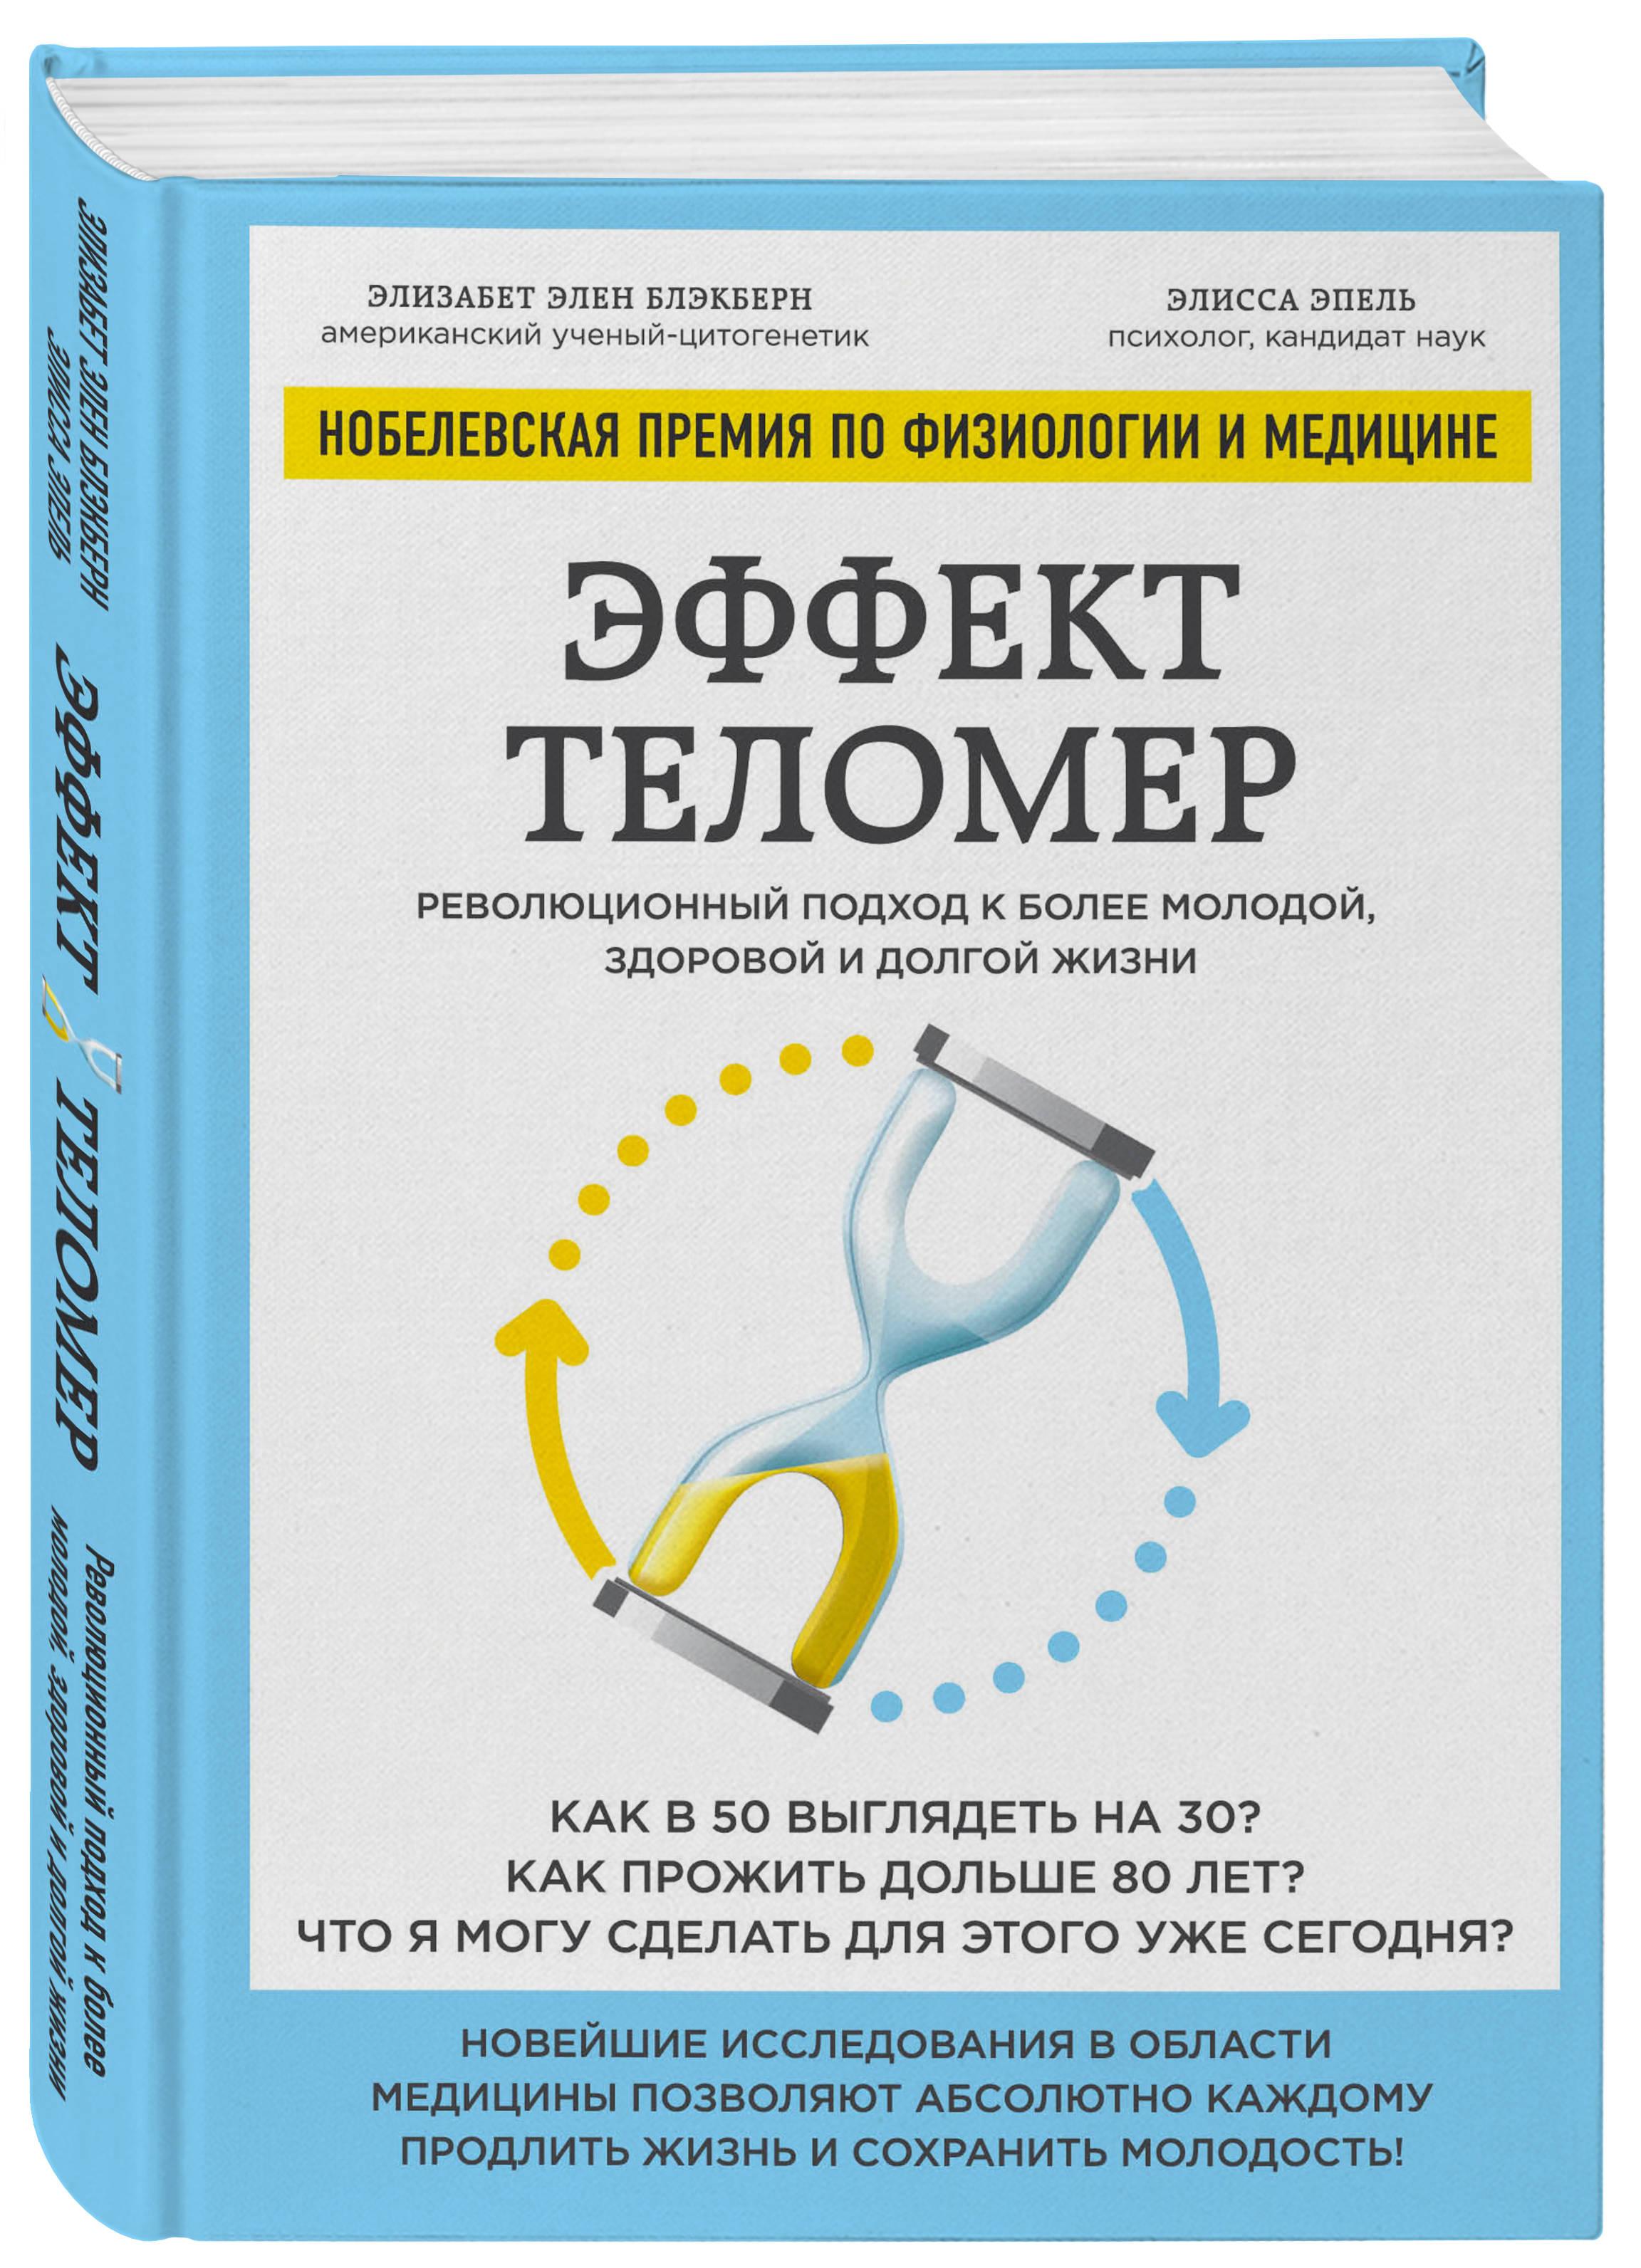 Эффект теломер. Революционный подход к более молодой, здоровой и долгой жизни ( Элизабет Элен Блэкберн, Элисса Эпель  )